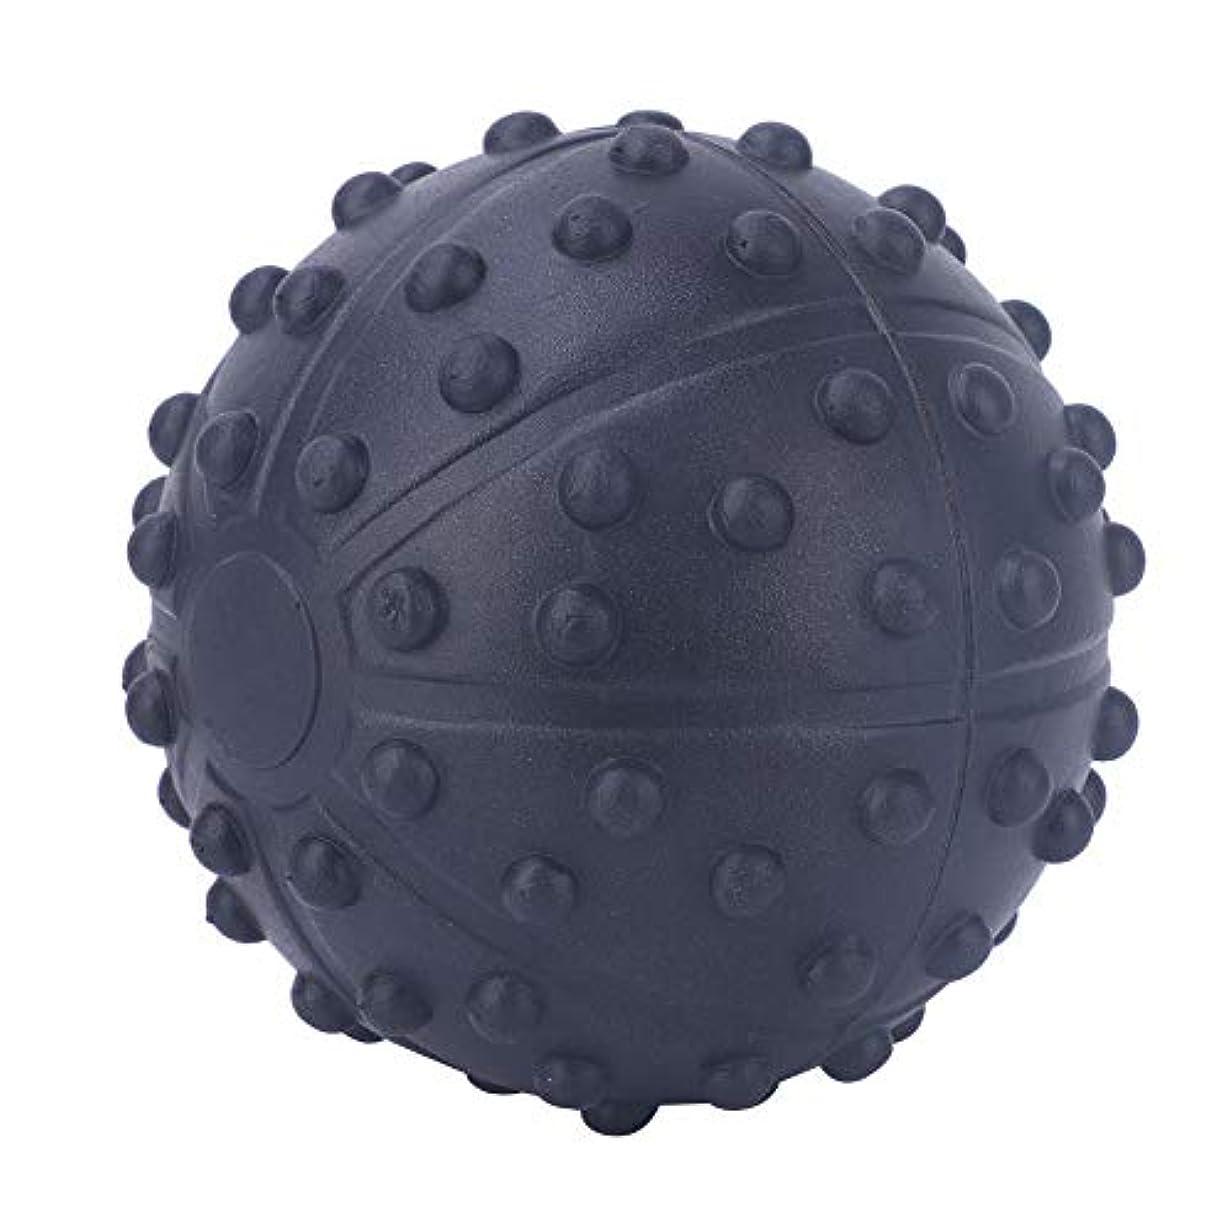 小道具縮れたなんでも深いティッシュヨガの筋膜の球、ヨガの疲労筋肉は筋肉救済、背部、首および足のマッサージャーのためのスポーツの球を取り除きます